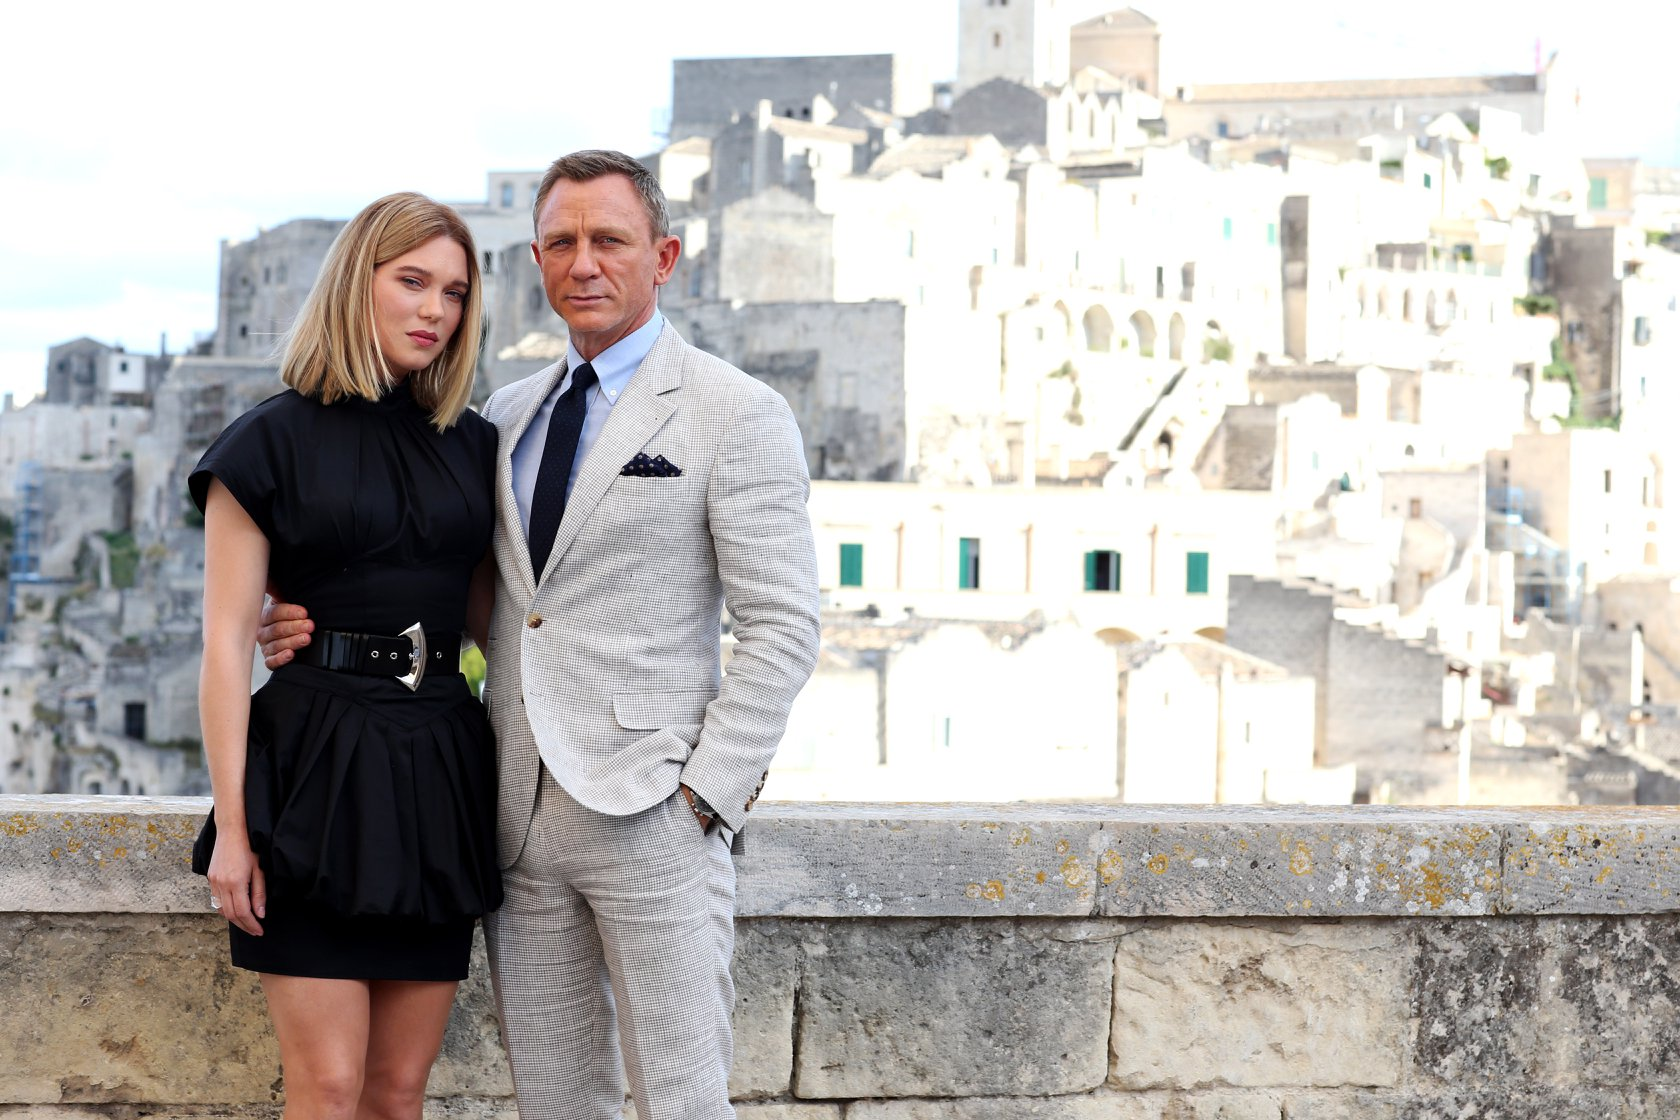 007,レア・セドゥ,ダニエル・クレイグ